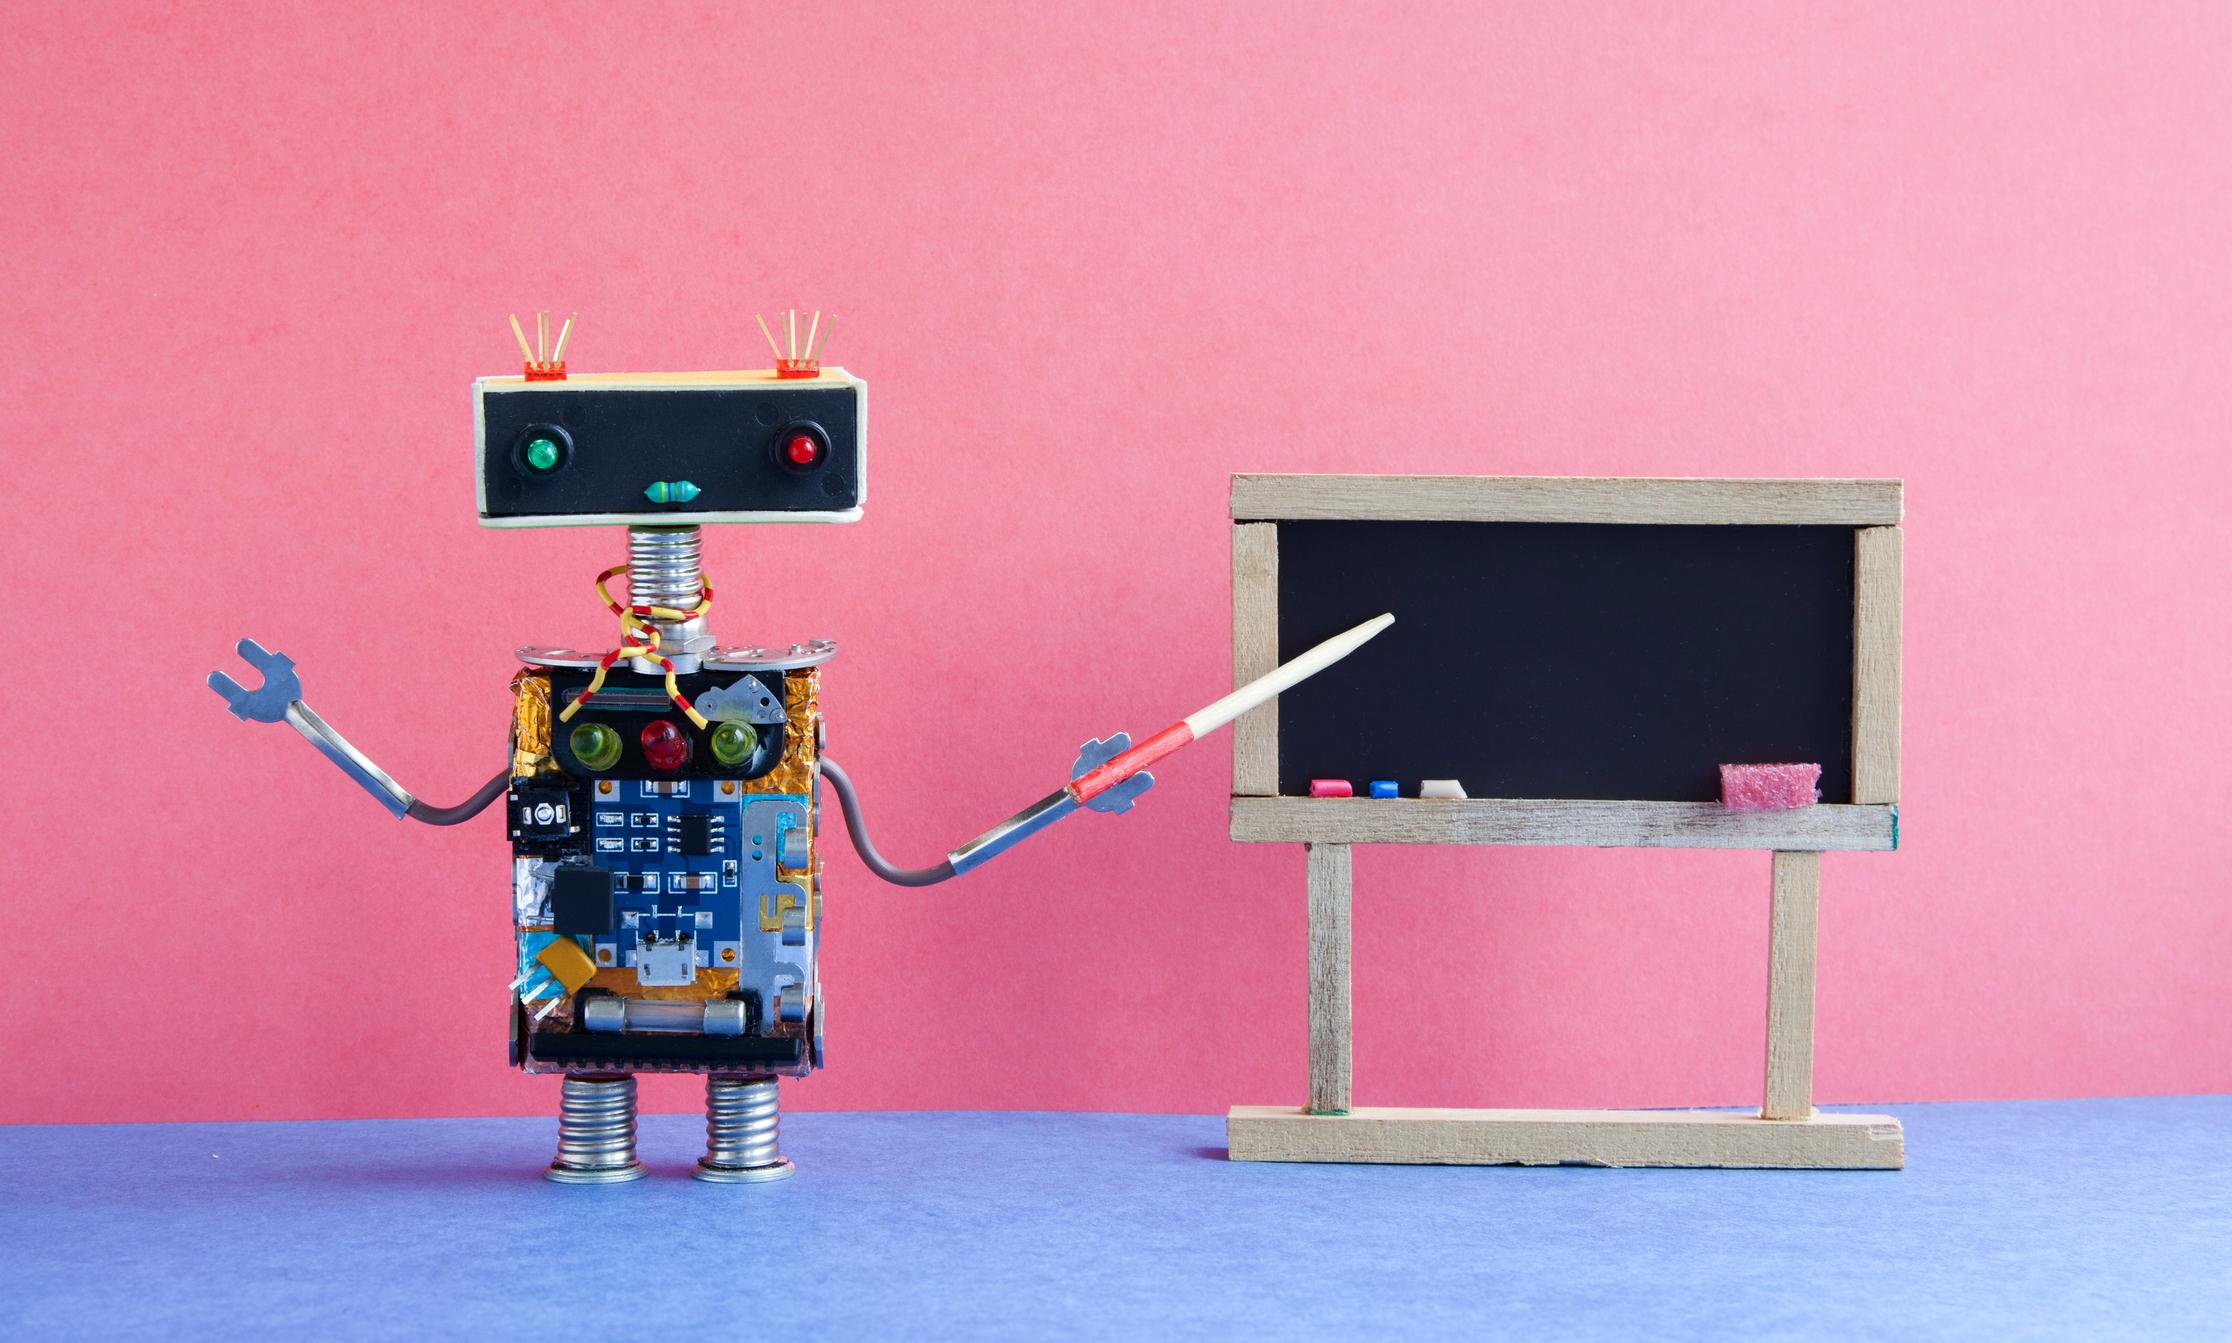 Robot educador